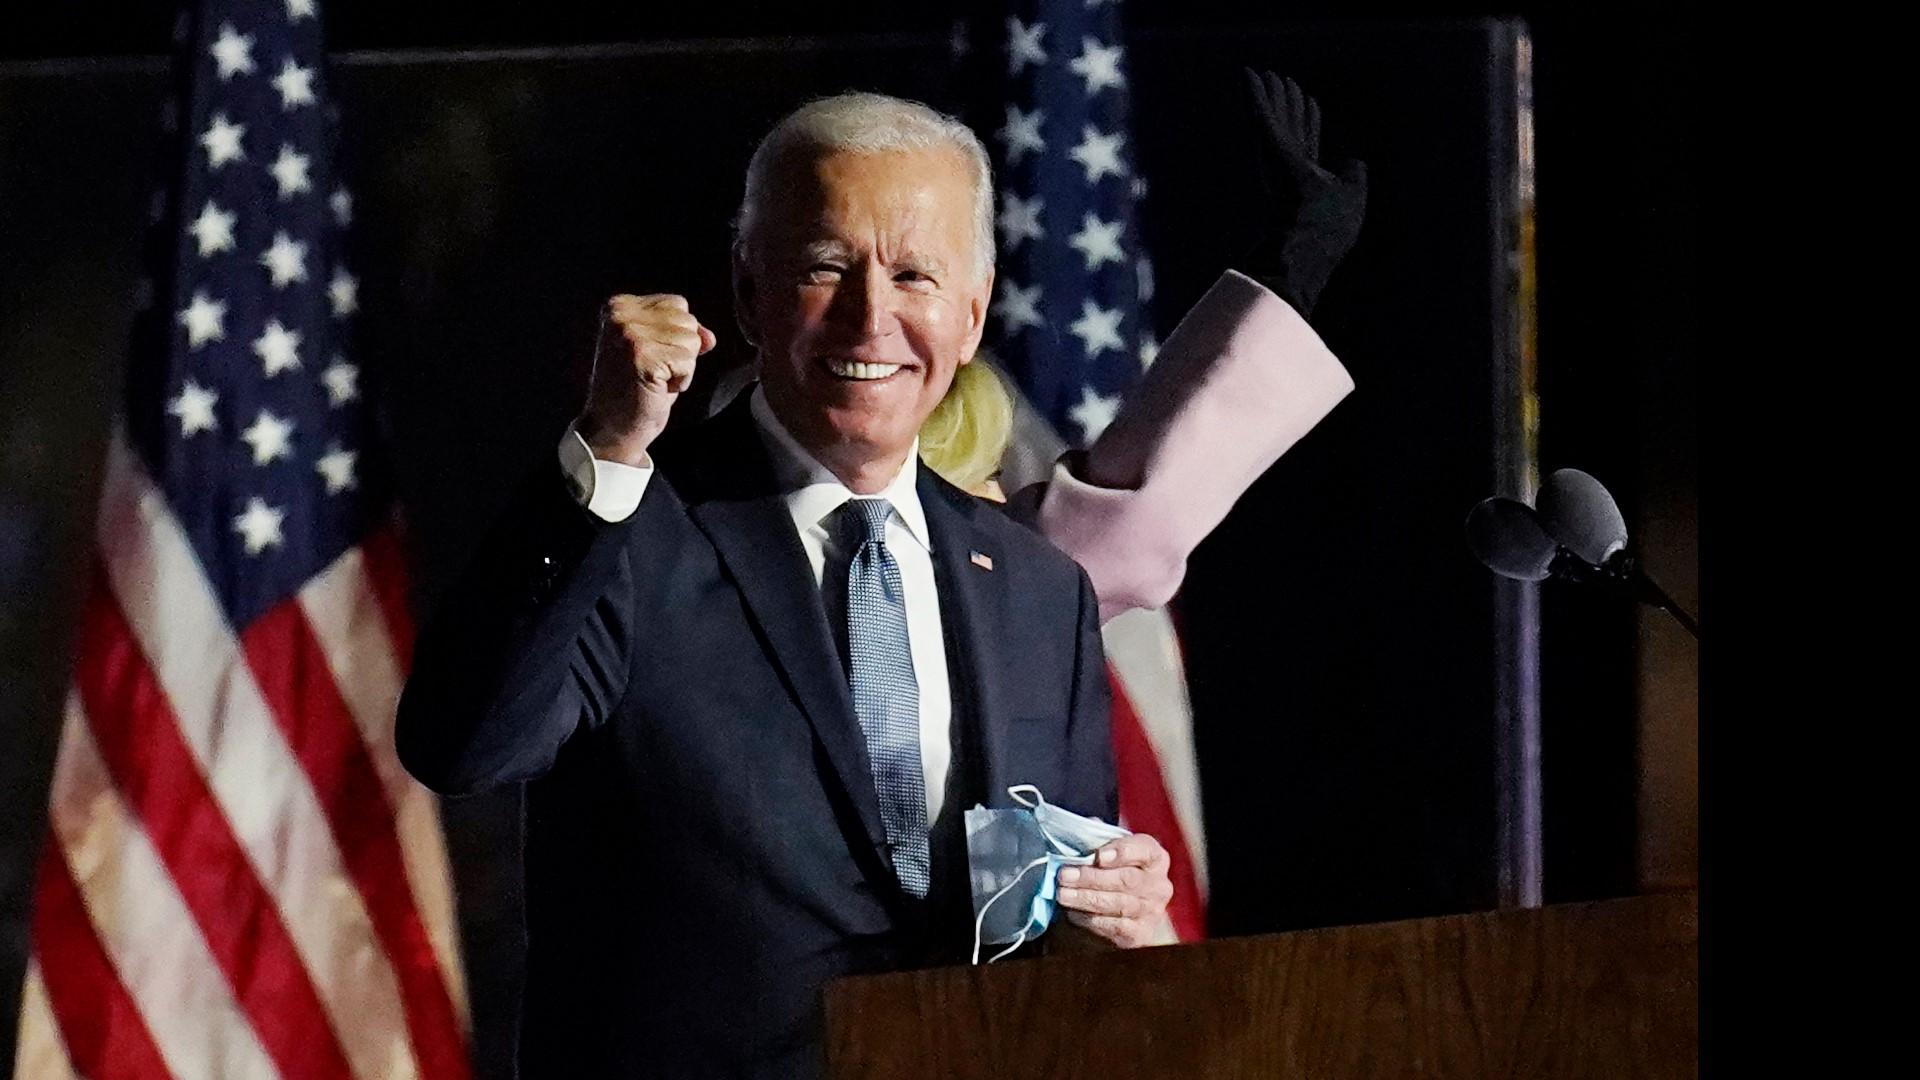 Biden's First Speech As President - [Watch Video]. 1